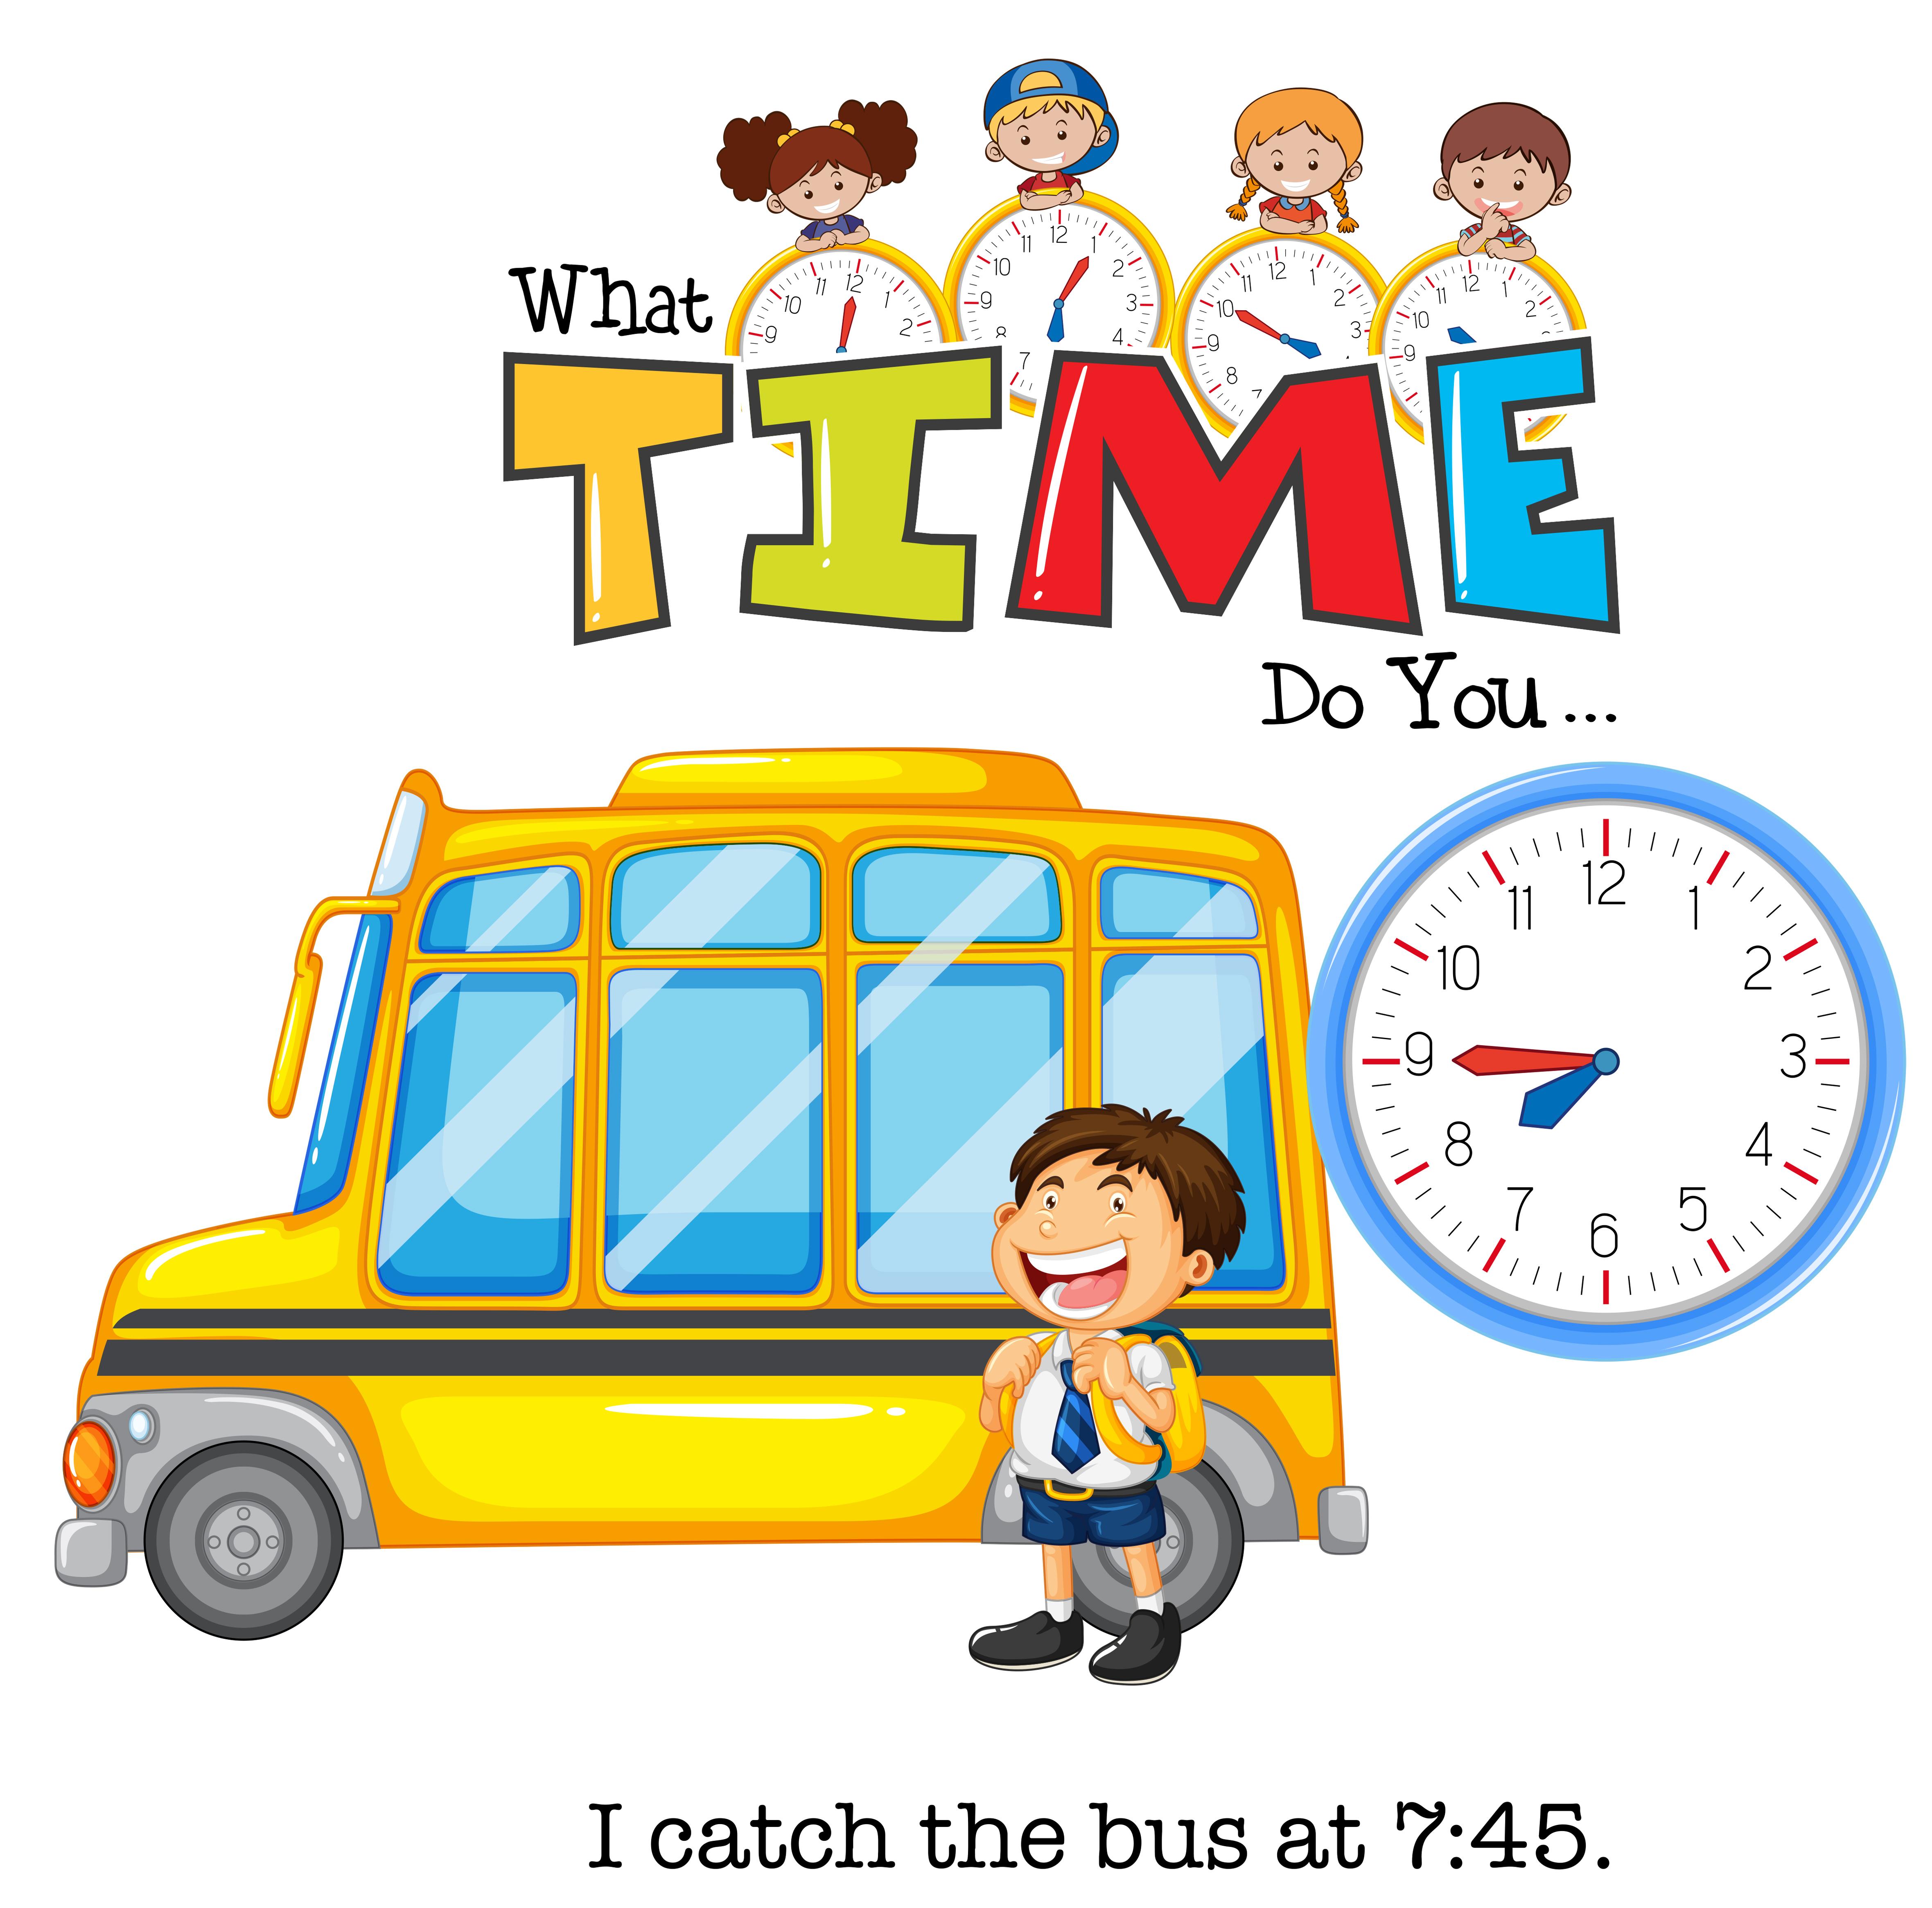 Kinder rund um die Uhr - Download Kostenlos Vector, Clipart Graphics,  Vektorgrafiken und Design Vorlagen